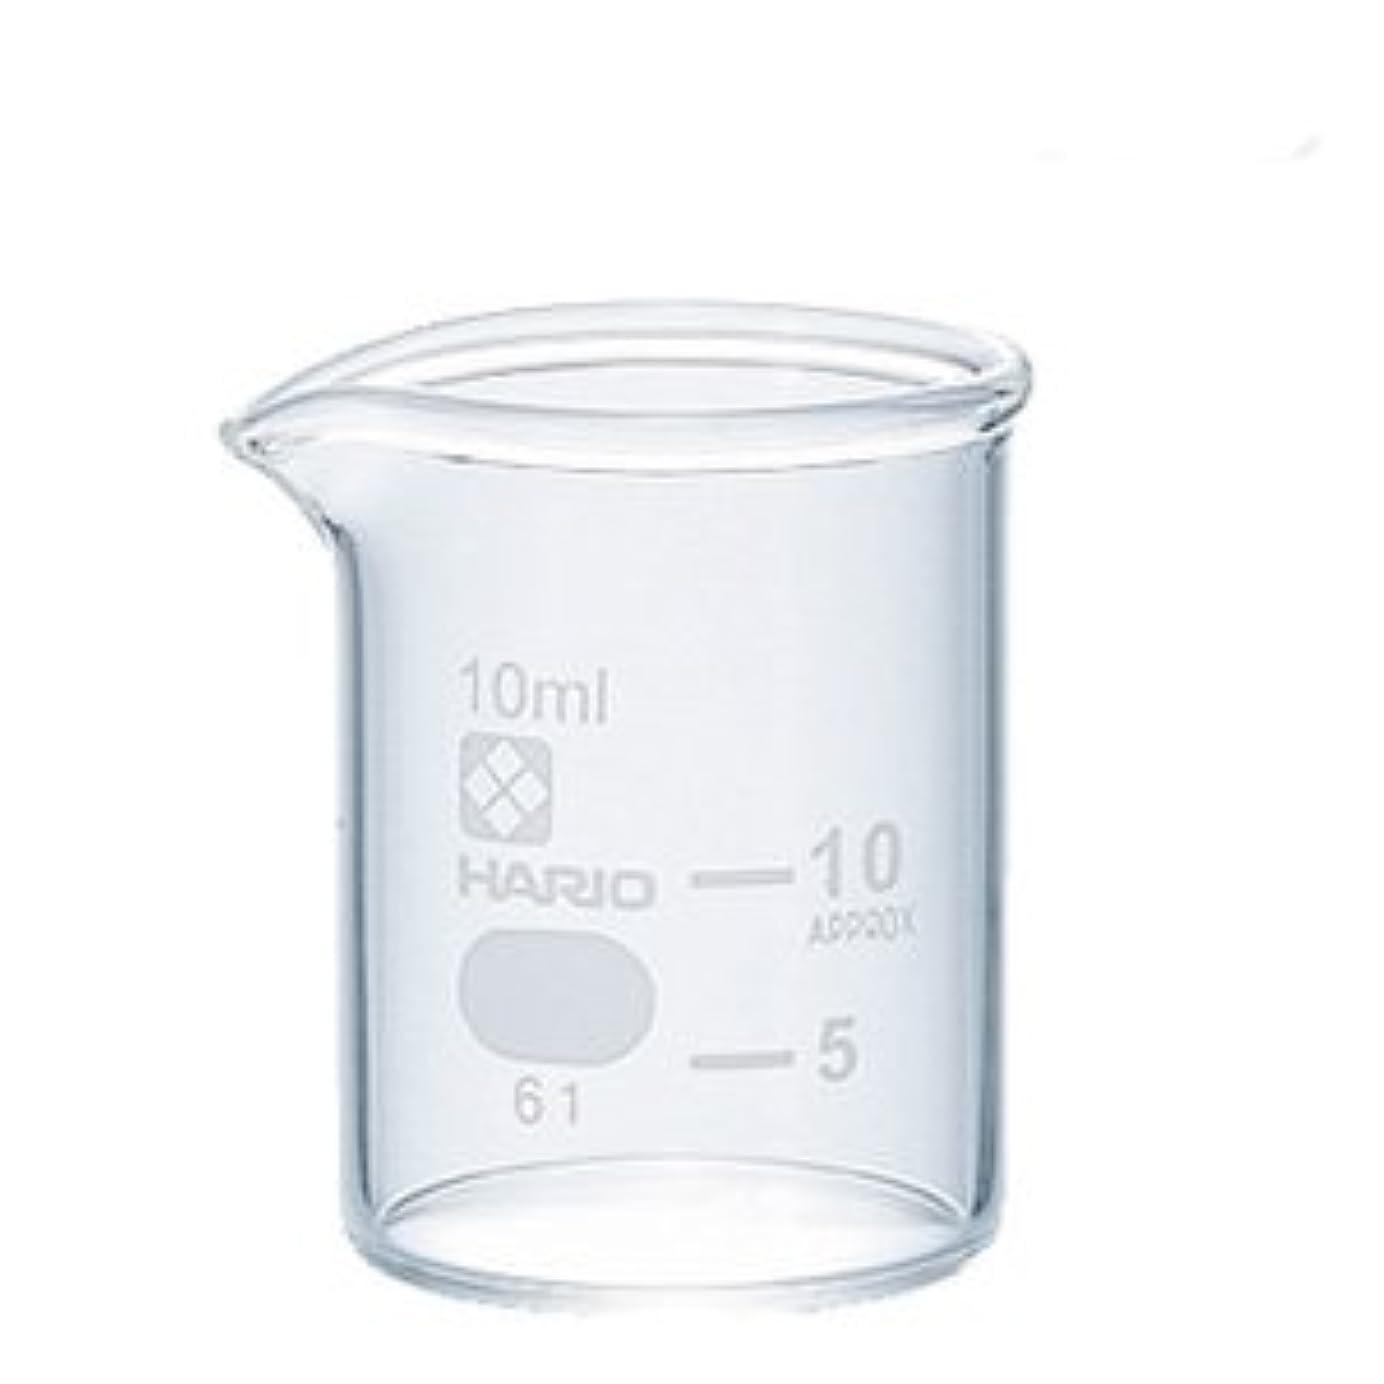 蛾オーバーラン地理ガラスビーカー 10ml 【手作り石鹸/手作りコスメ/手作り化粧品】